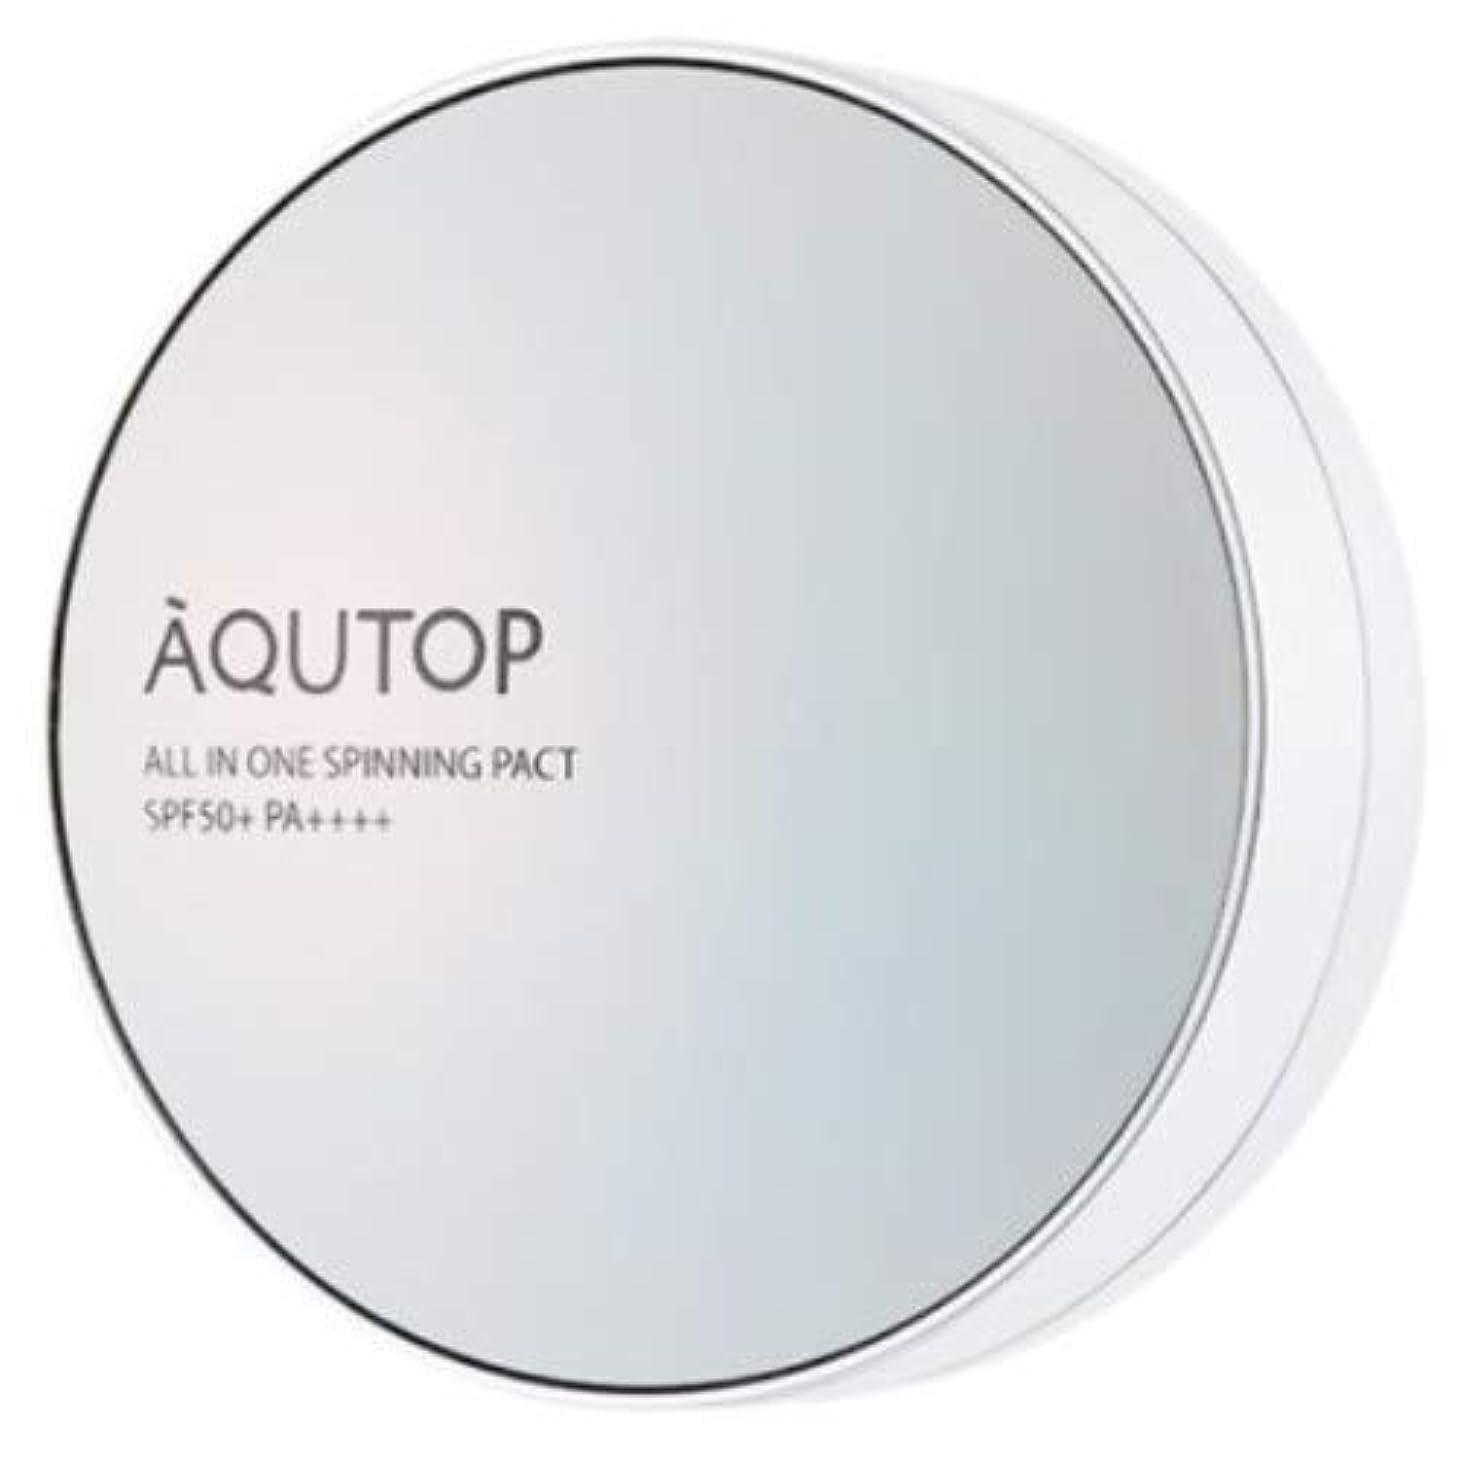 シャイ優れましたコンパイル[AQUTOP] アクタップオールインワンスピニングファクト SPF 50+ PA ++++ / AQUTOP ALL IN ONE SPINNING PACT [並行輸入品] (21号 ライトベージュ)